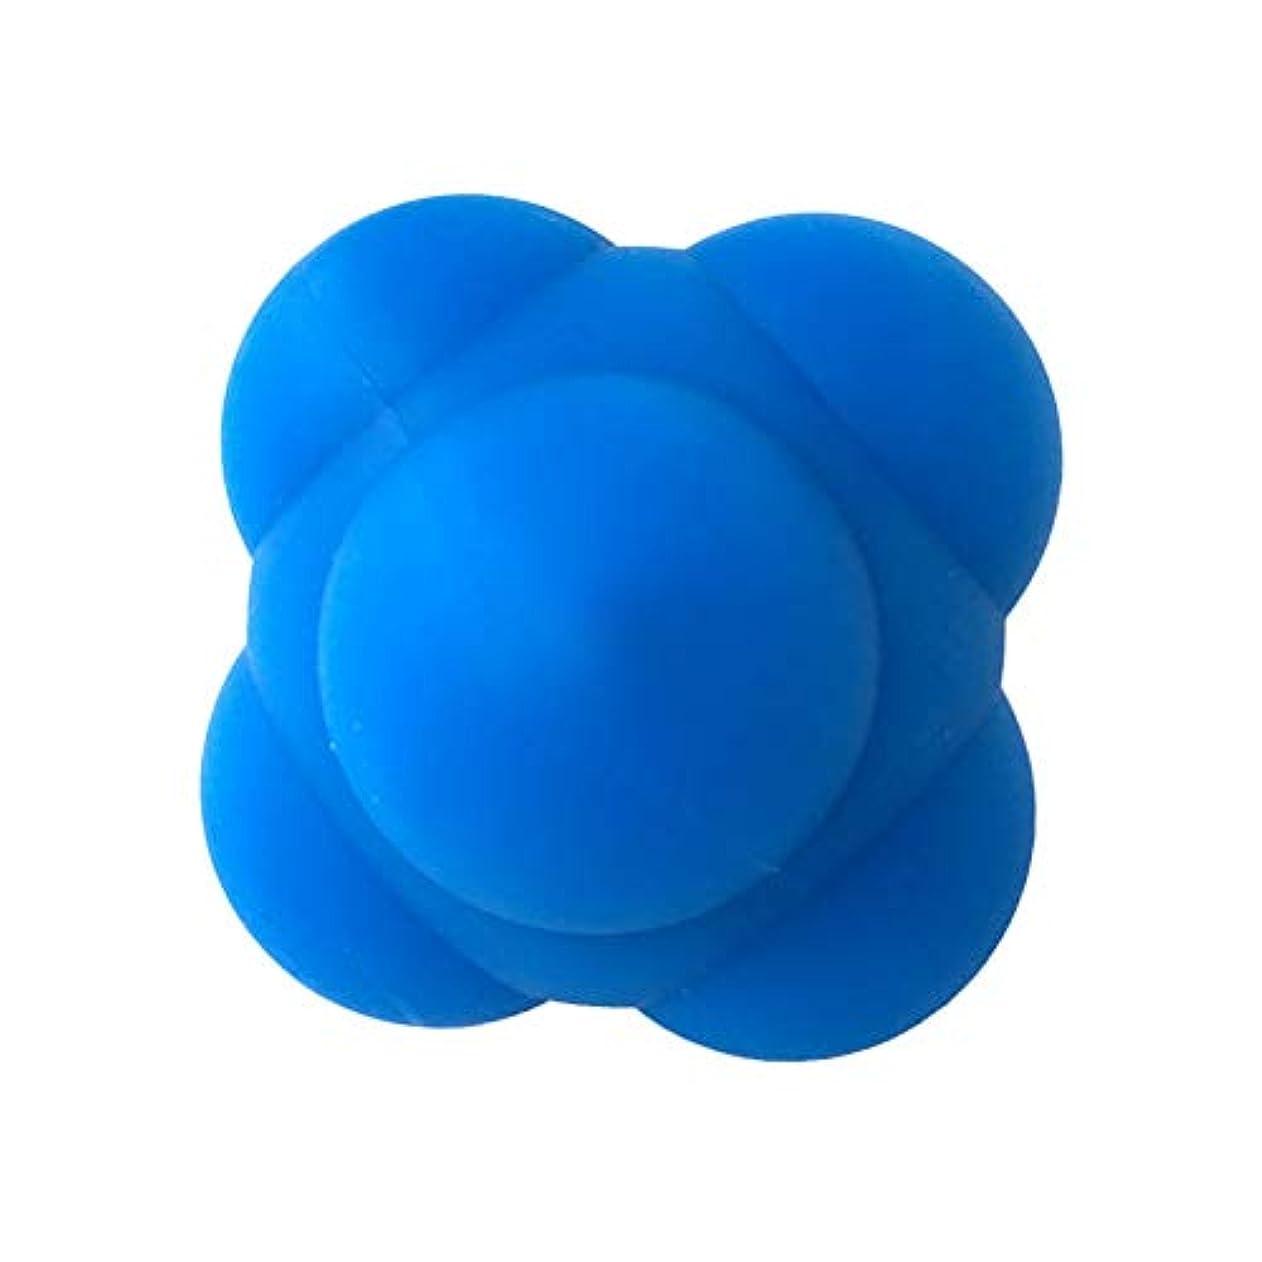 入口道に迷いました黄ばむHealifty 体の管理ボールスポーツシリコン六角形のボールソリッドフィットネストレーニングエクササイズリアクションボール素早さと敏捷性トレーニングボール6cm(青)